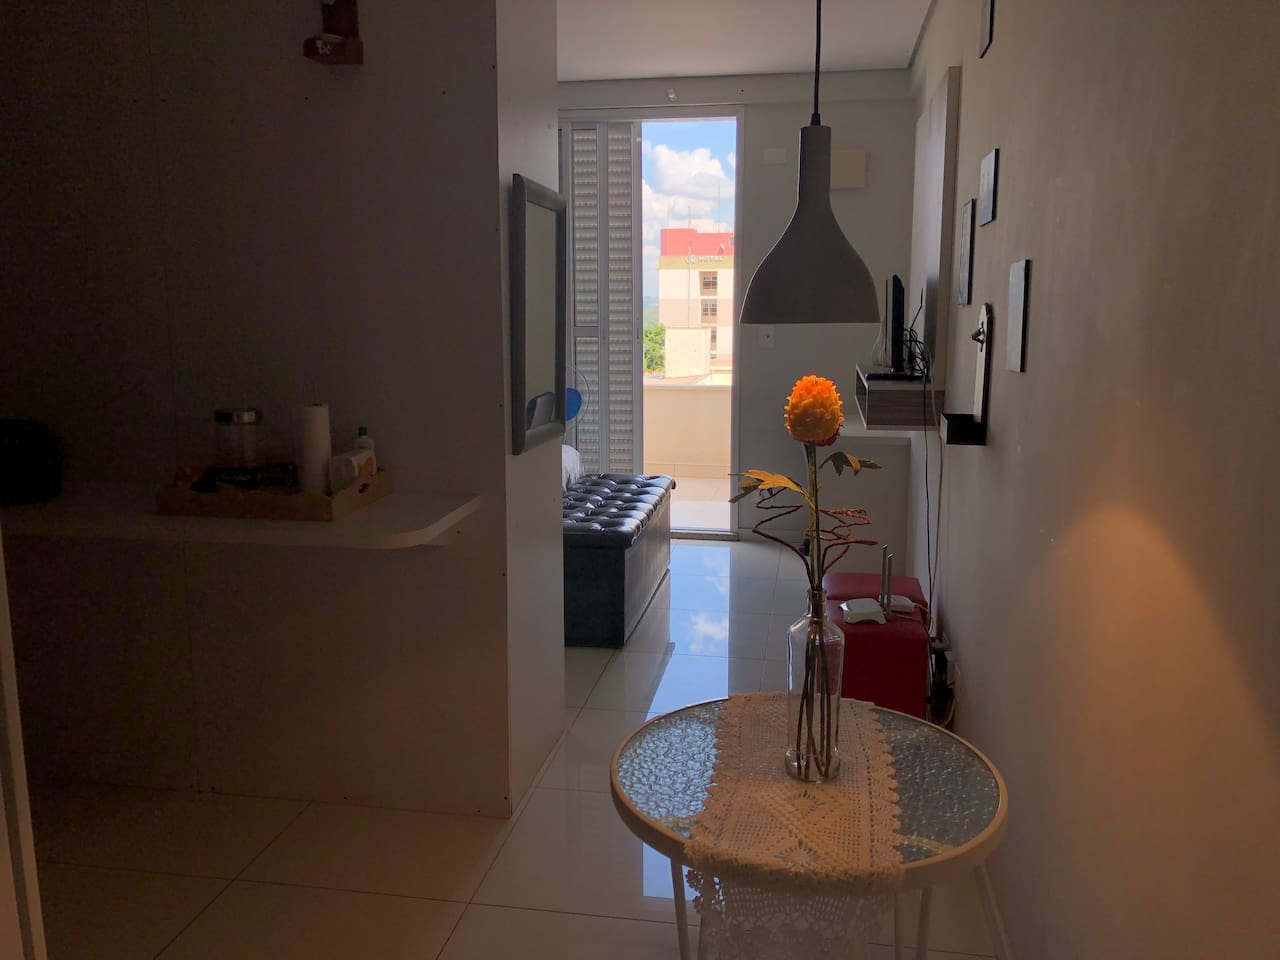 Entrada, divisória entre cozinha e quarto, ao fundo porta da varanda